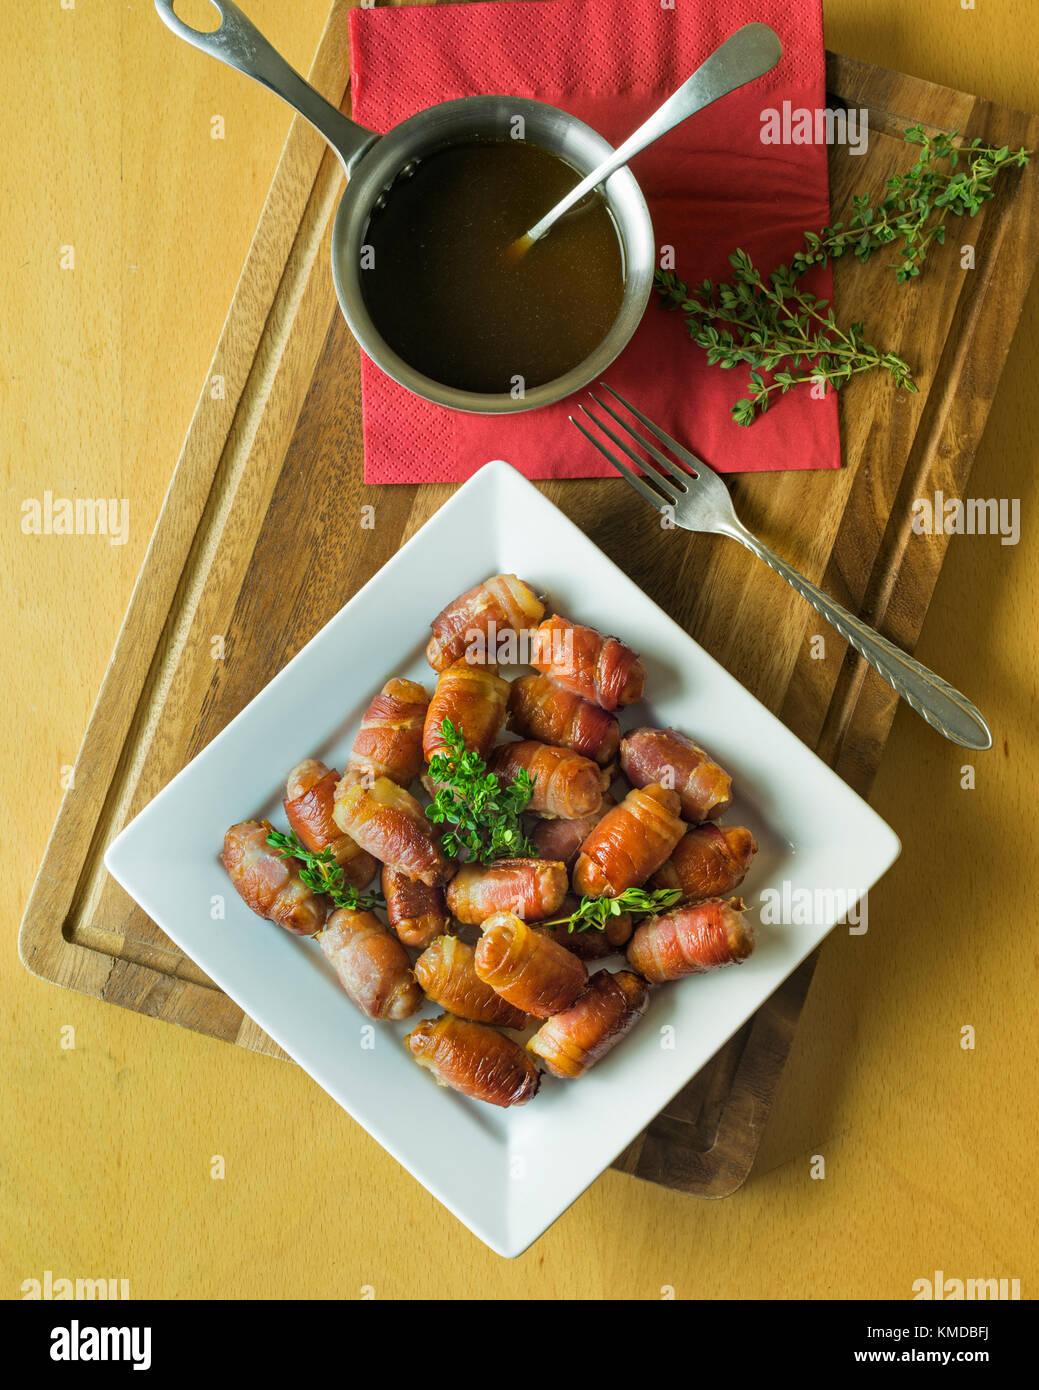 Schweine in Decken. Wurst und Speck rollen. UK Essen Stockbild